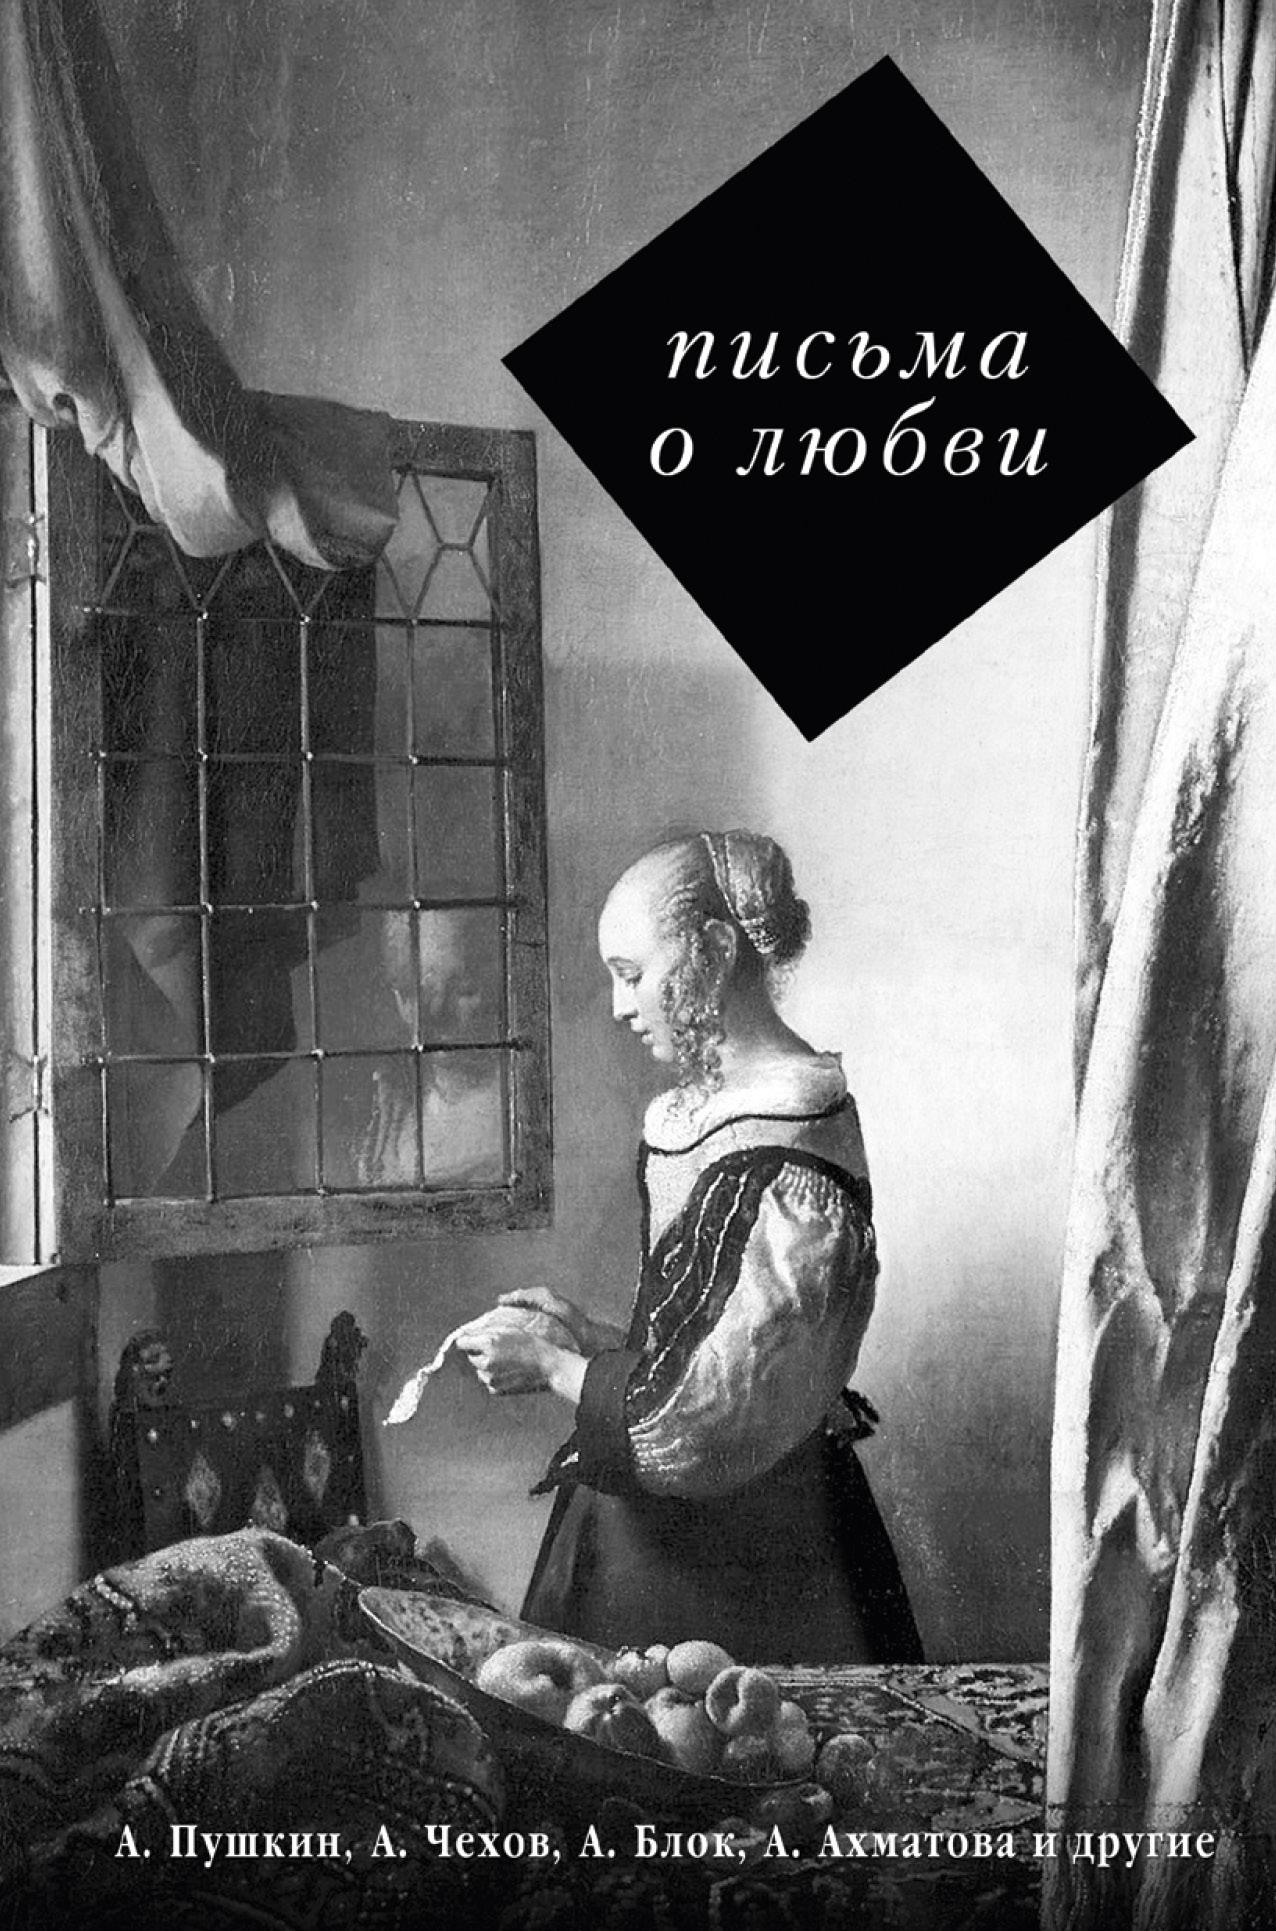 Пушкин А.С., Чехов А.П., Ахматова А.А. Письма о любви